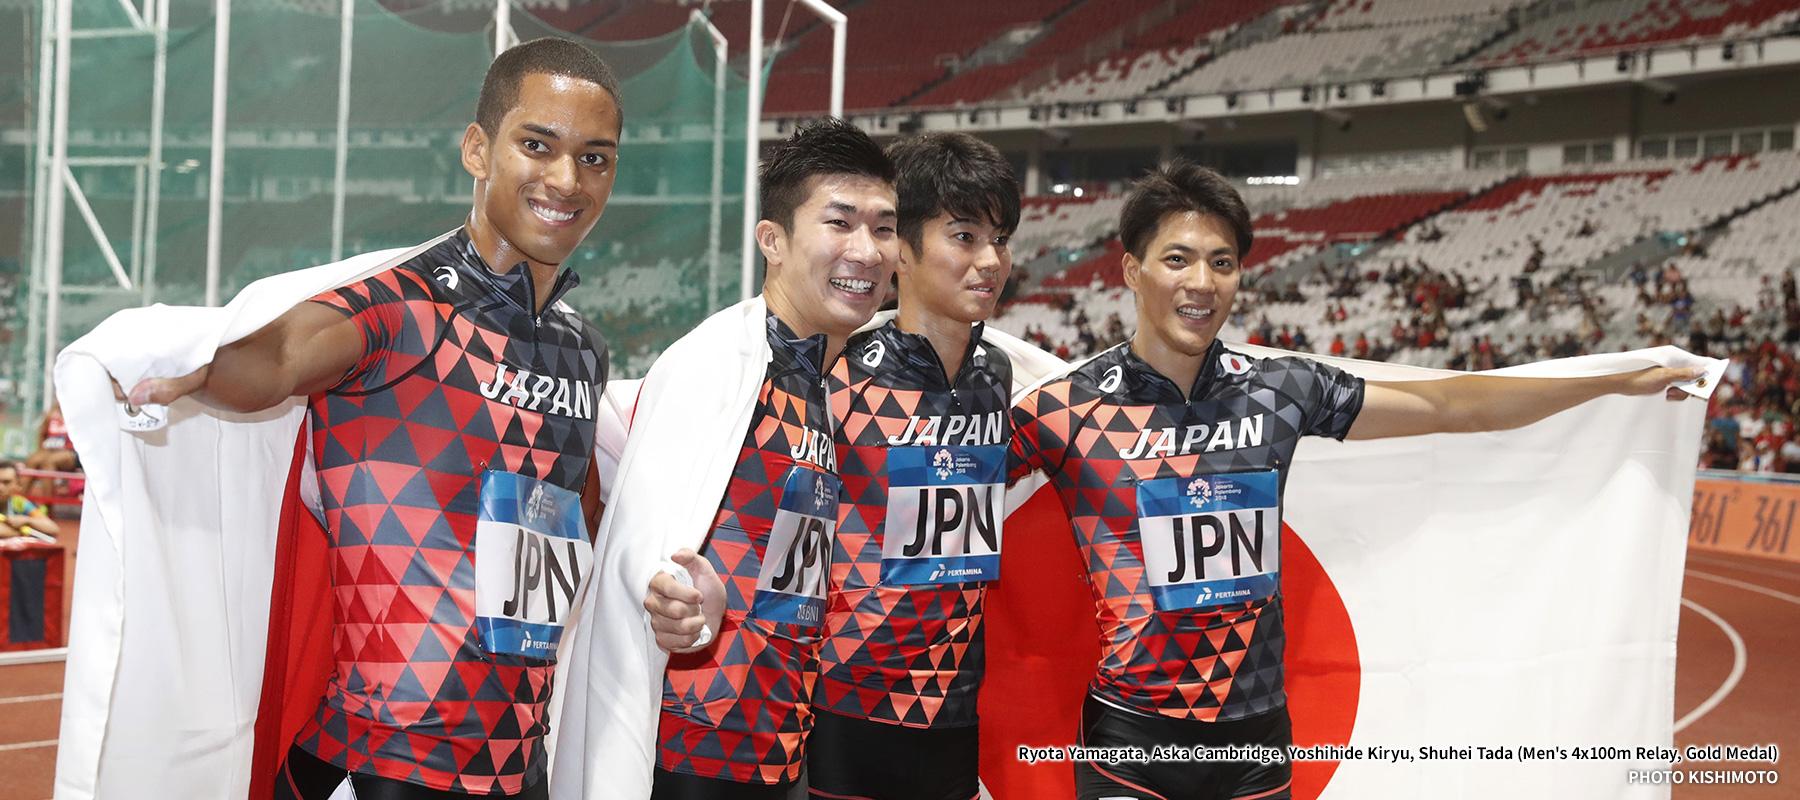 Asian Games 2020 Soccer.20th Asian Games Aichi Nagoya 2026 Aichi Nagoya Asian Games